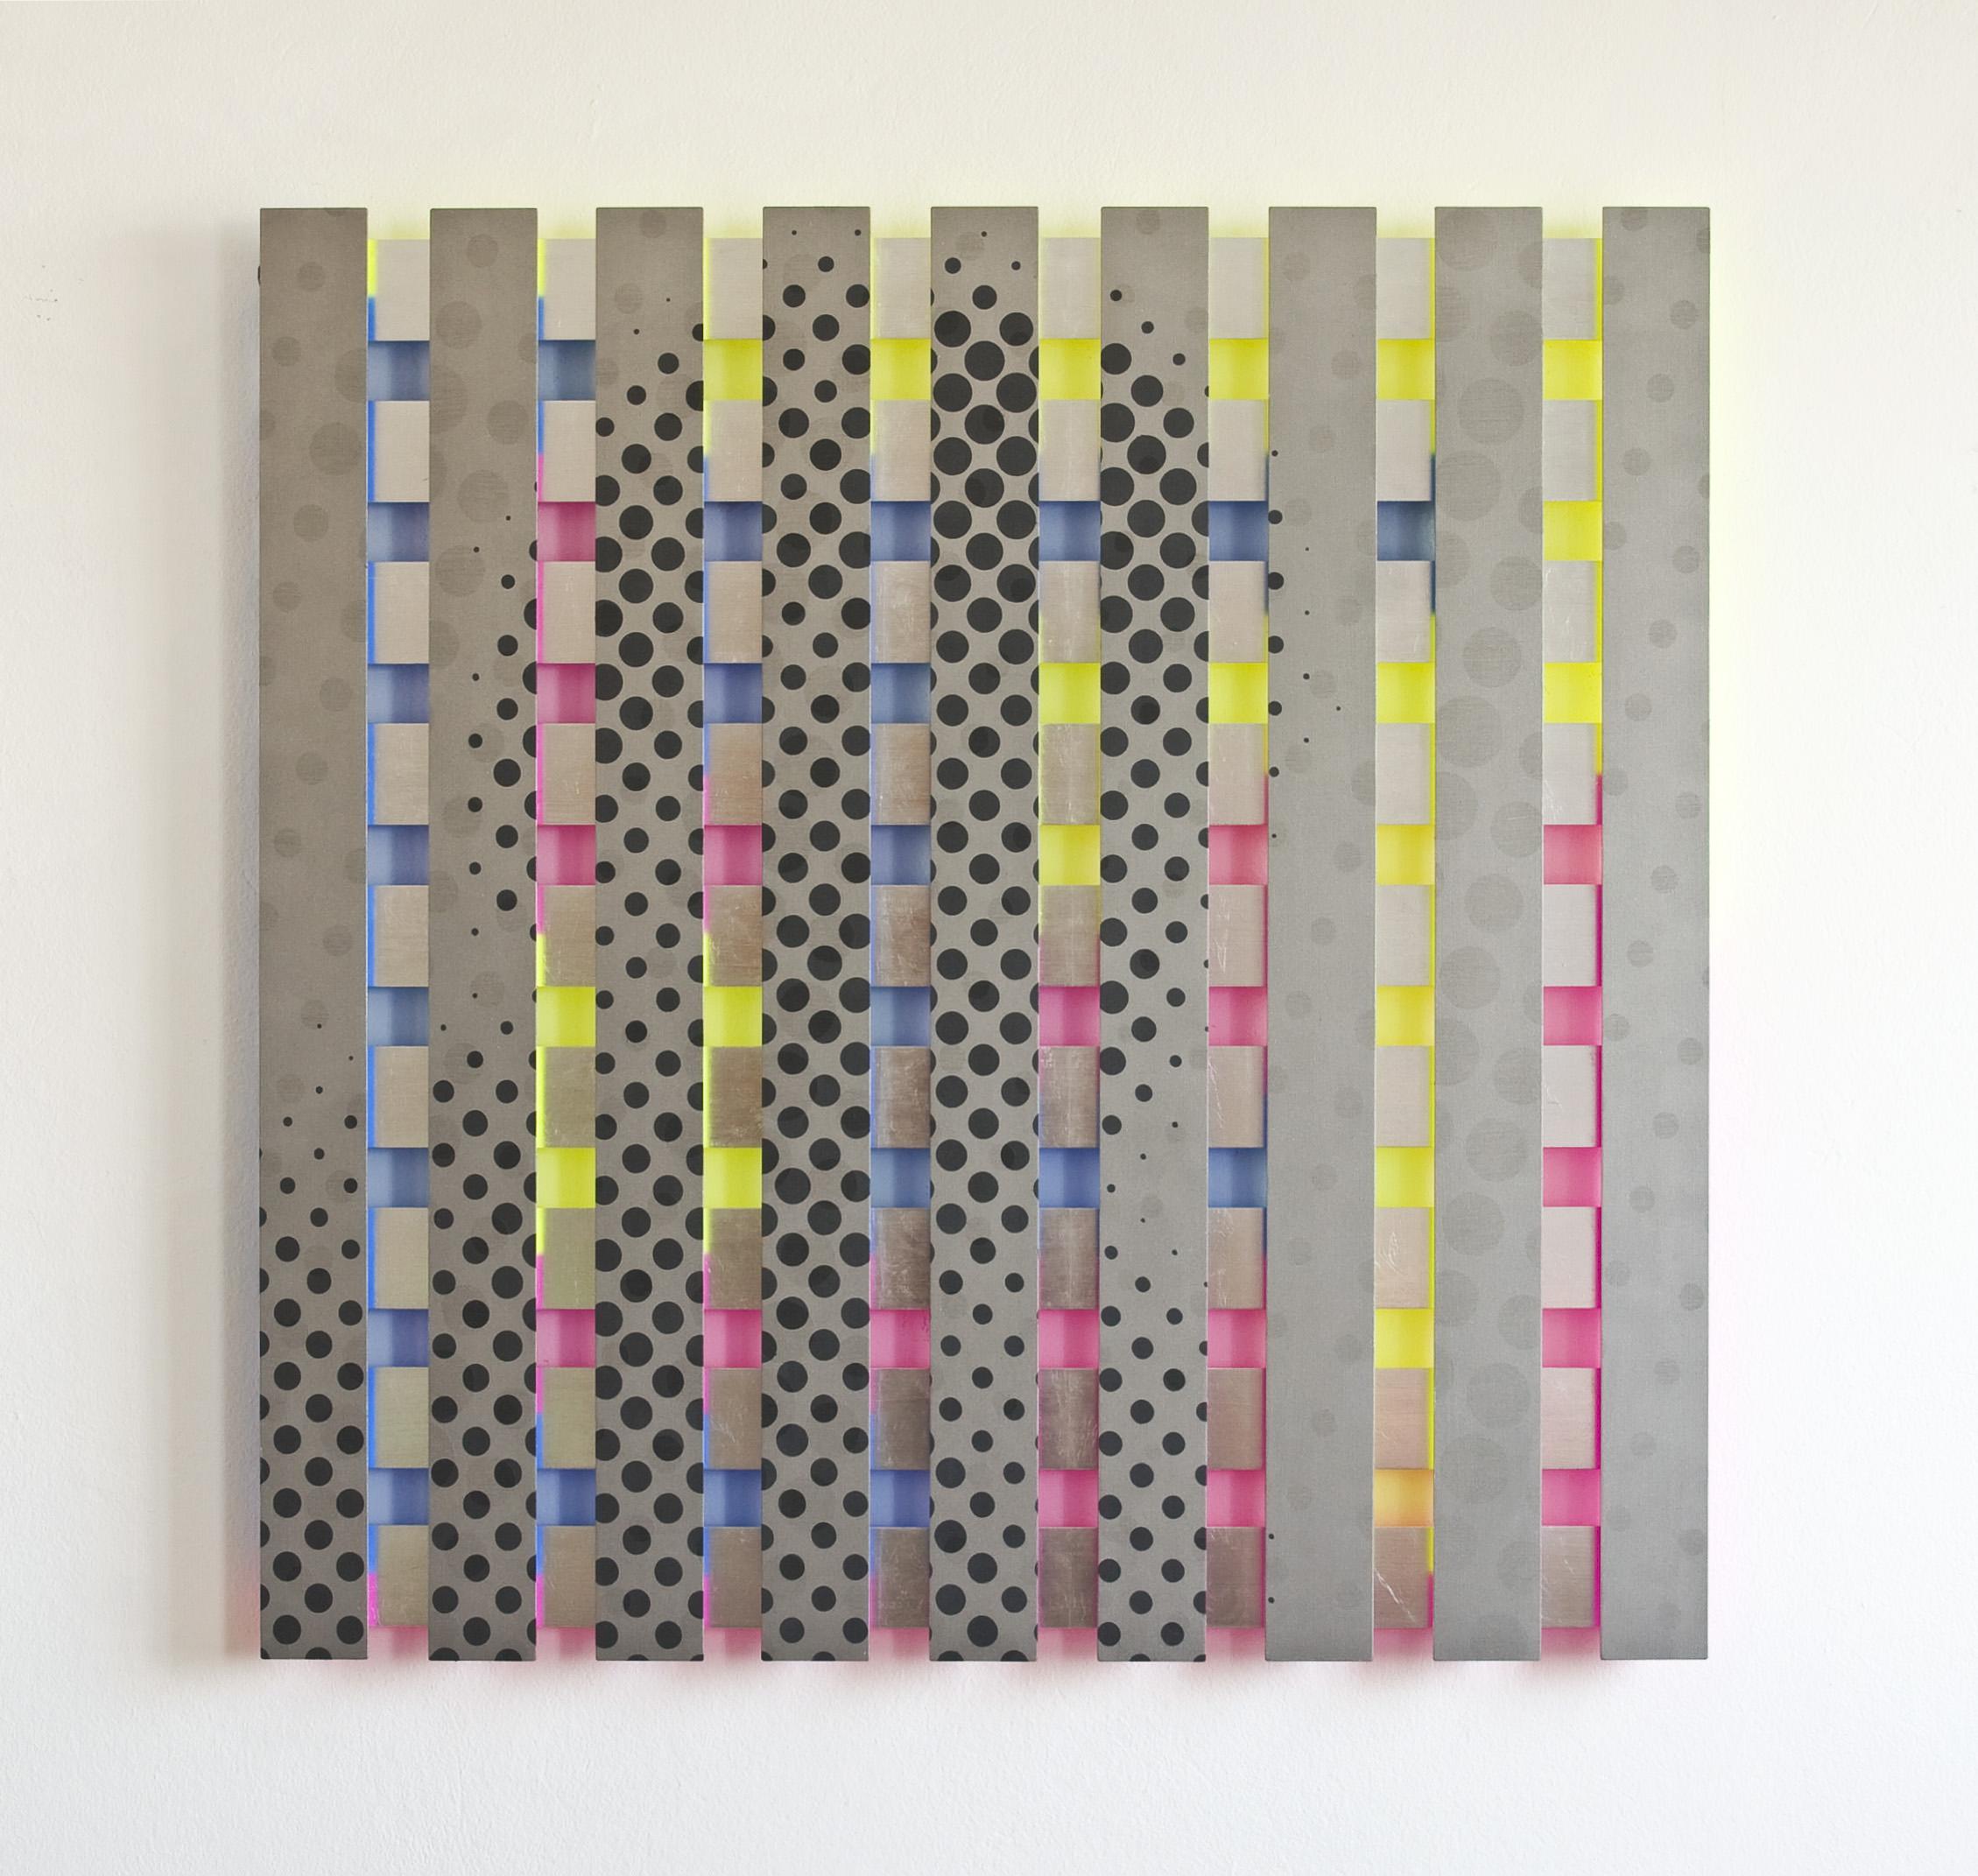 akril, les, 125 x 125 cm, 2010